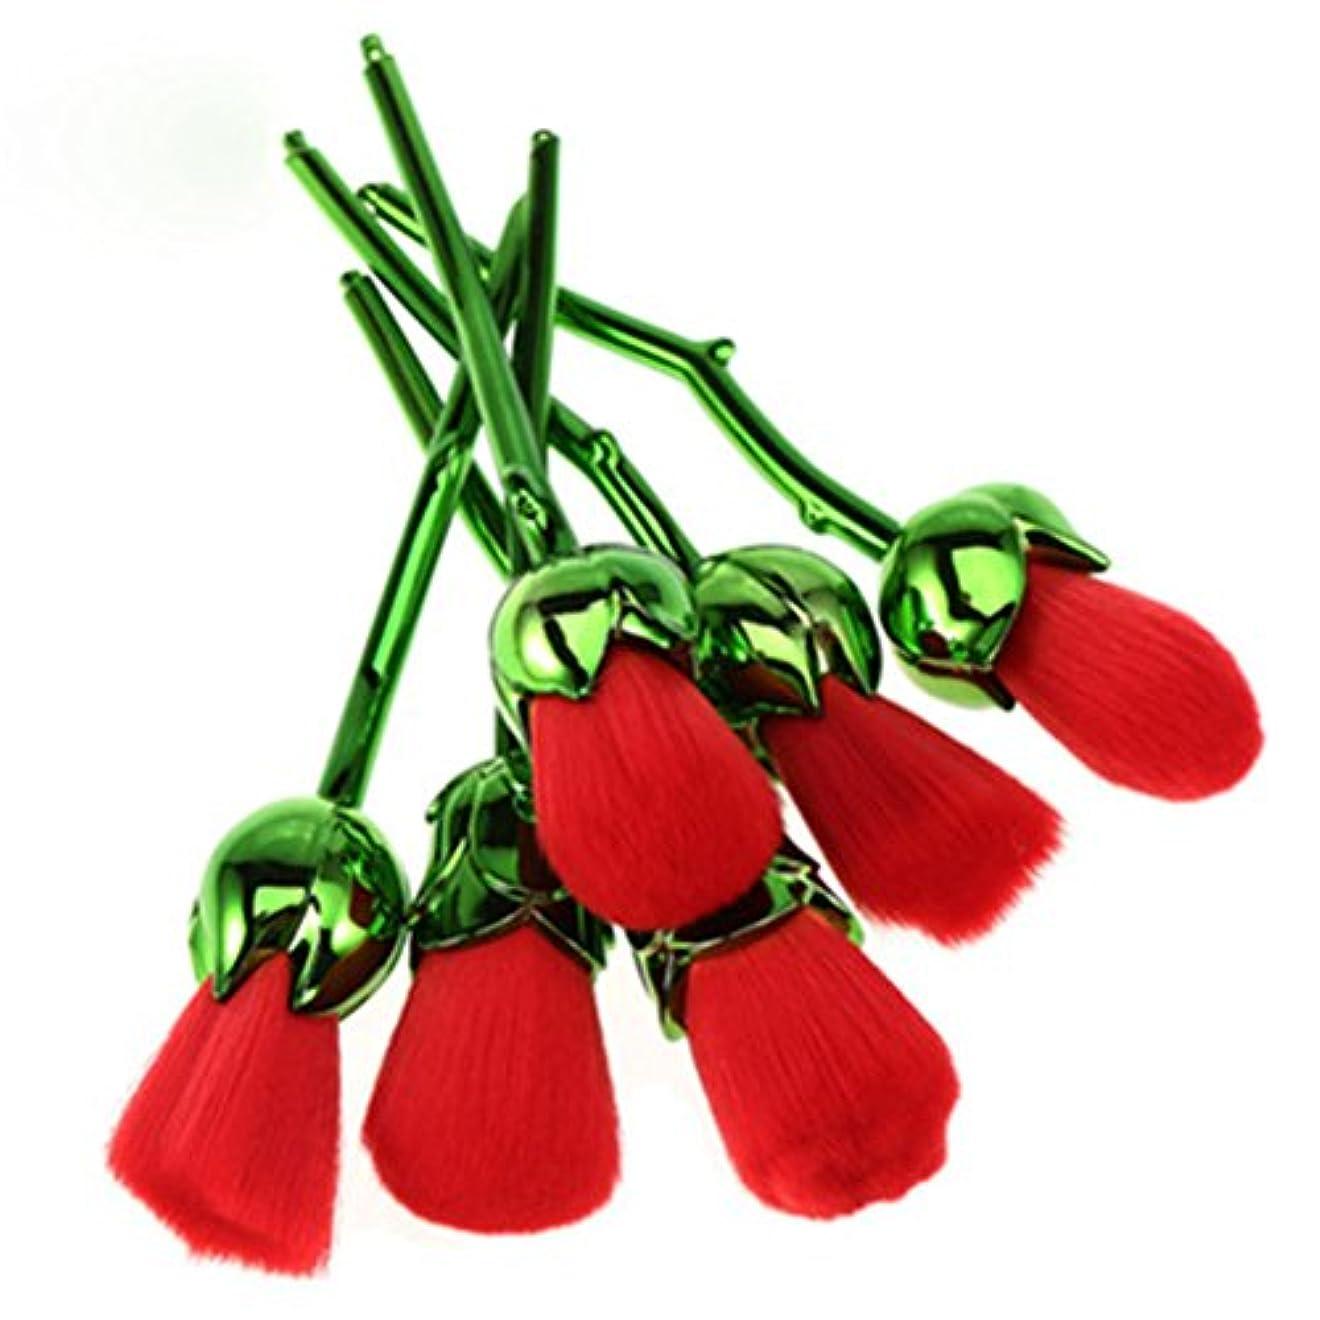 と闘う出身地スパンディラビューティー(Dilla Beauty) メイクブラシ 薔薇 メイクブラシセット 人気 ファンデーションブラシ 化粧筆 可愛い 化粧ブラシ セット パウダーブラシ フェイスブラシ ローズ メイクブラシ 6本セット ケース付き (グリーン - レッド)